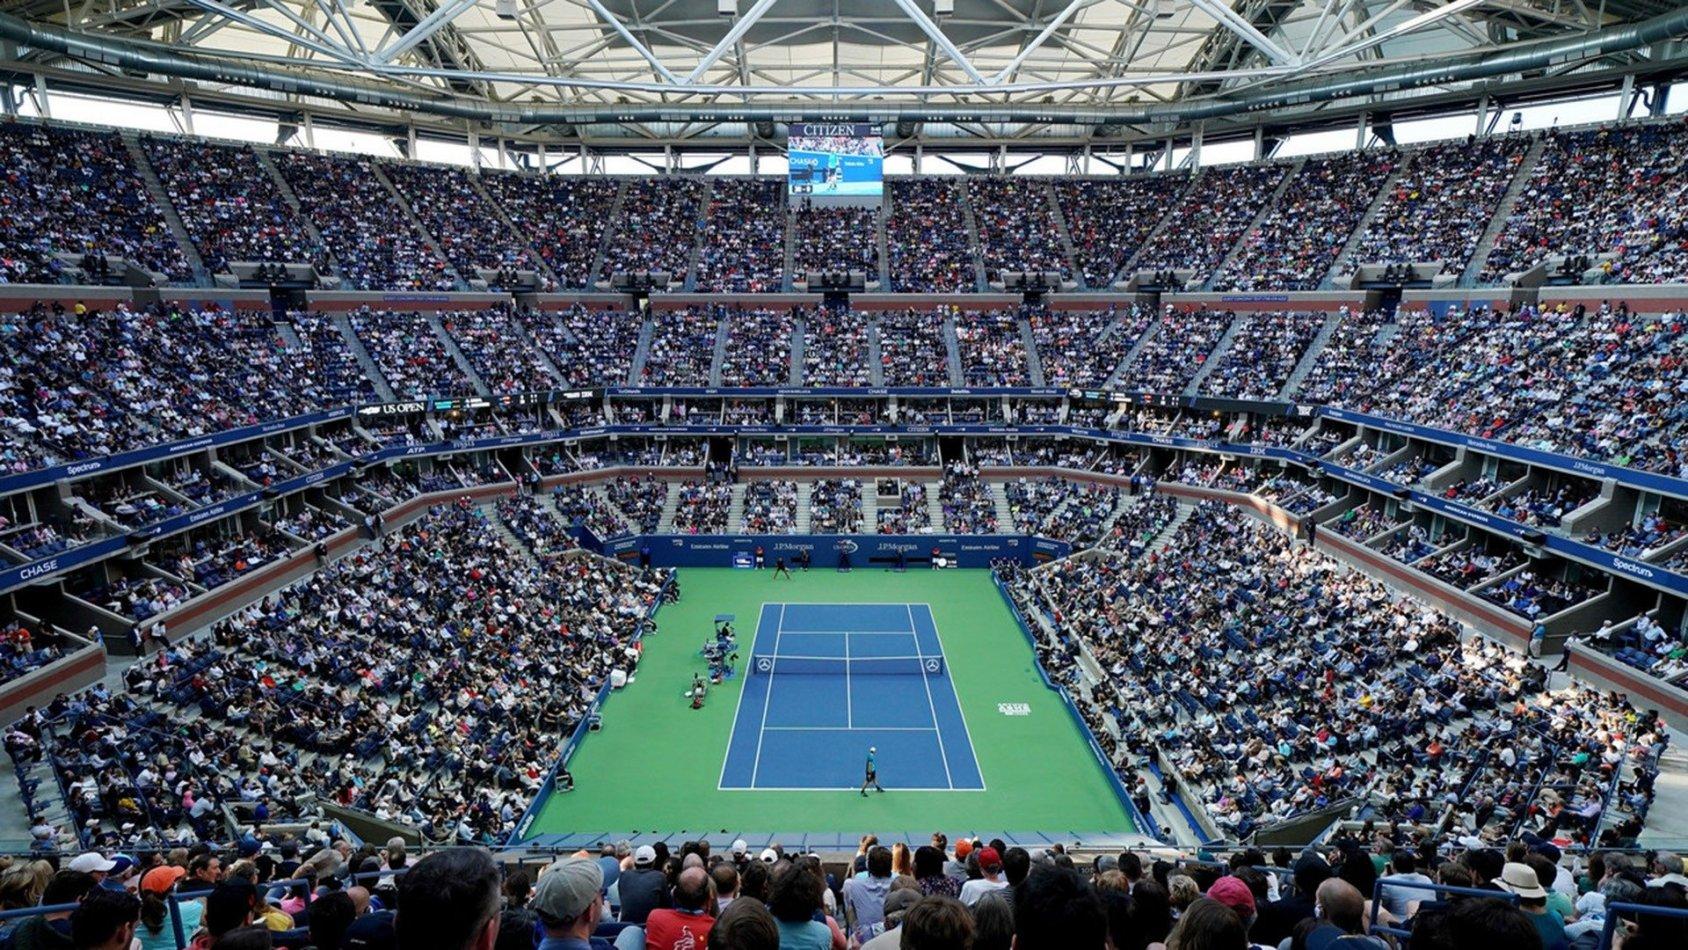 2019 U.S. Open Tennis